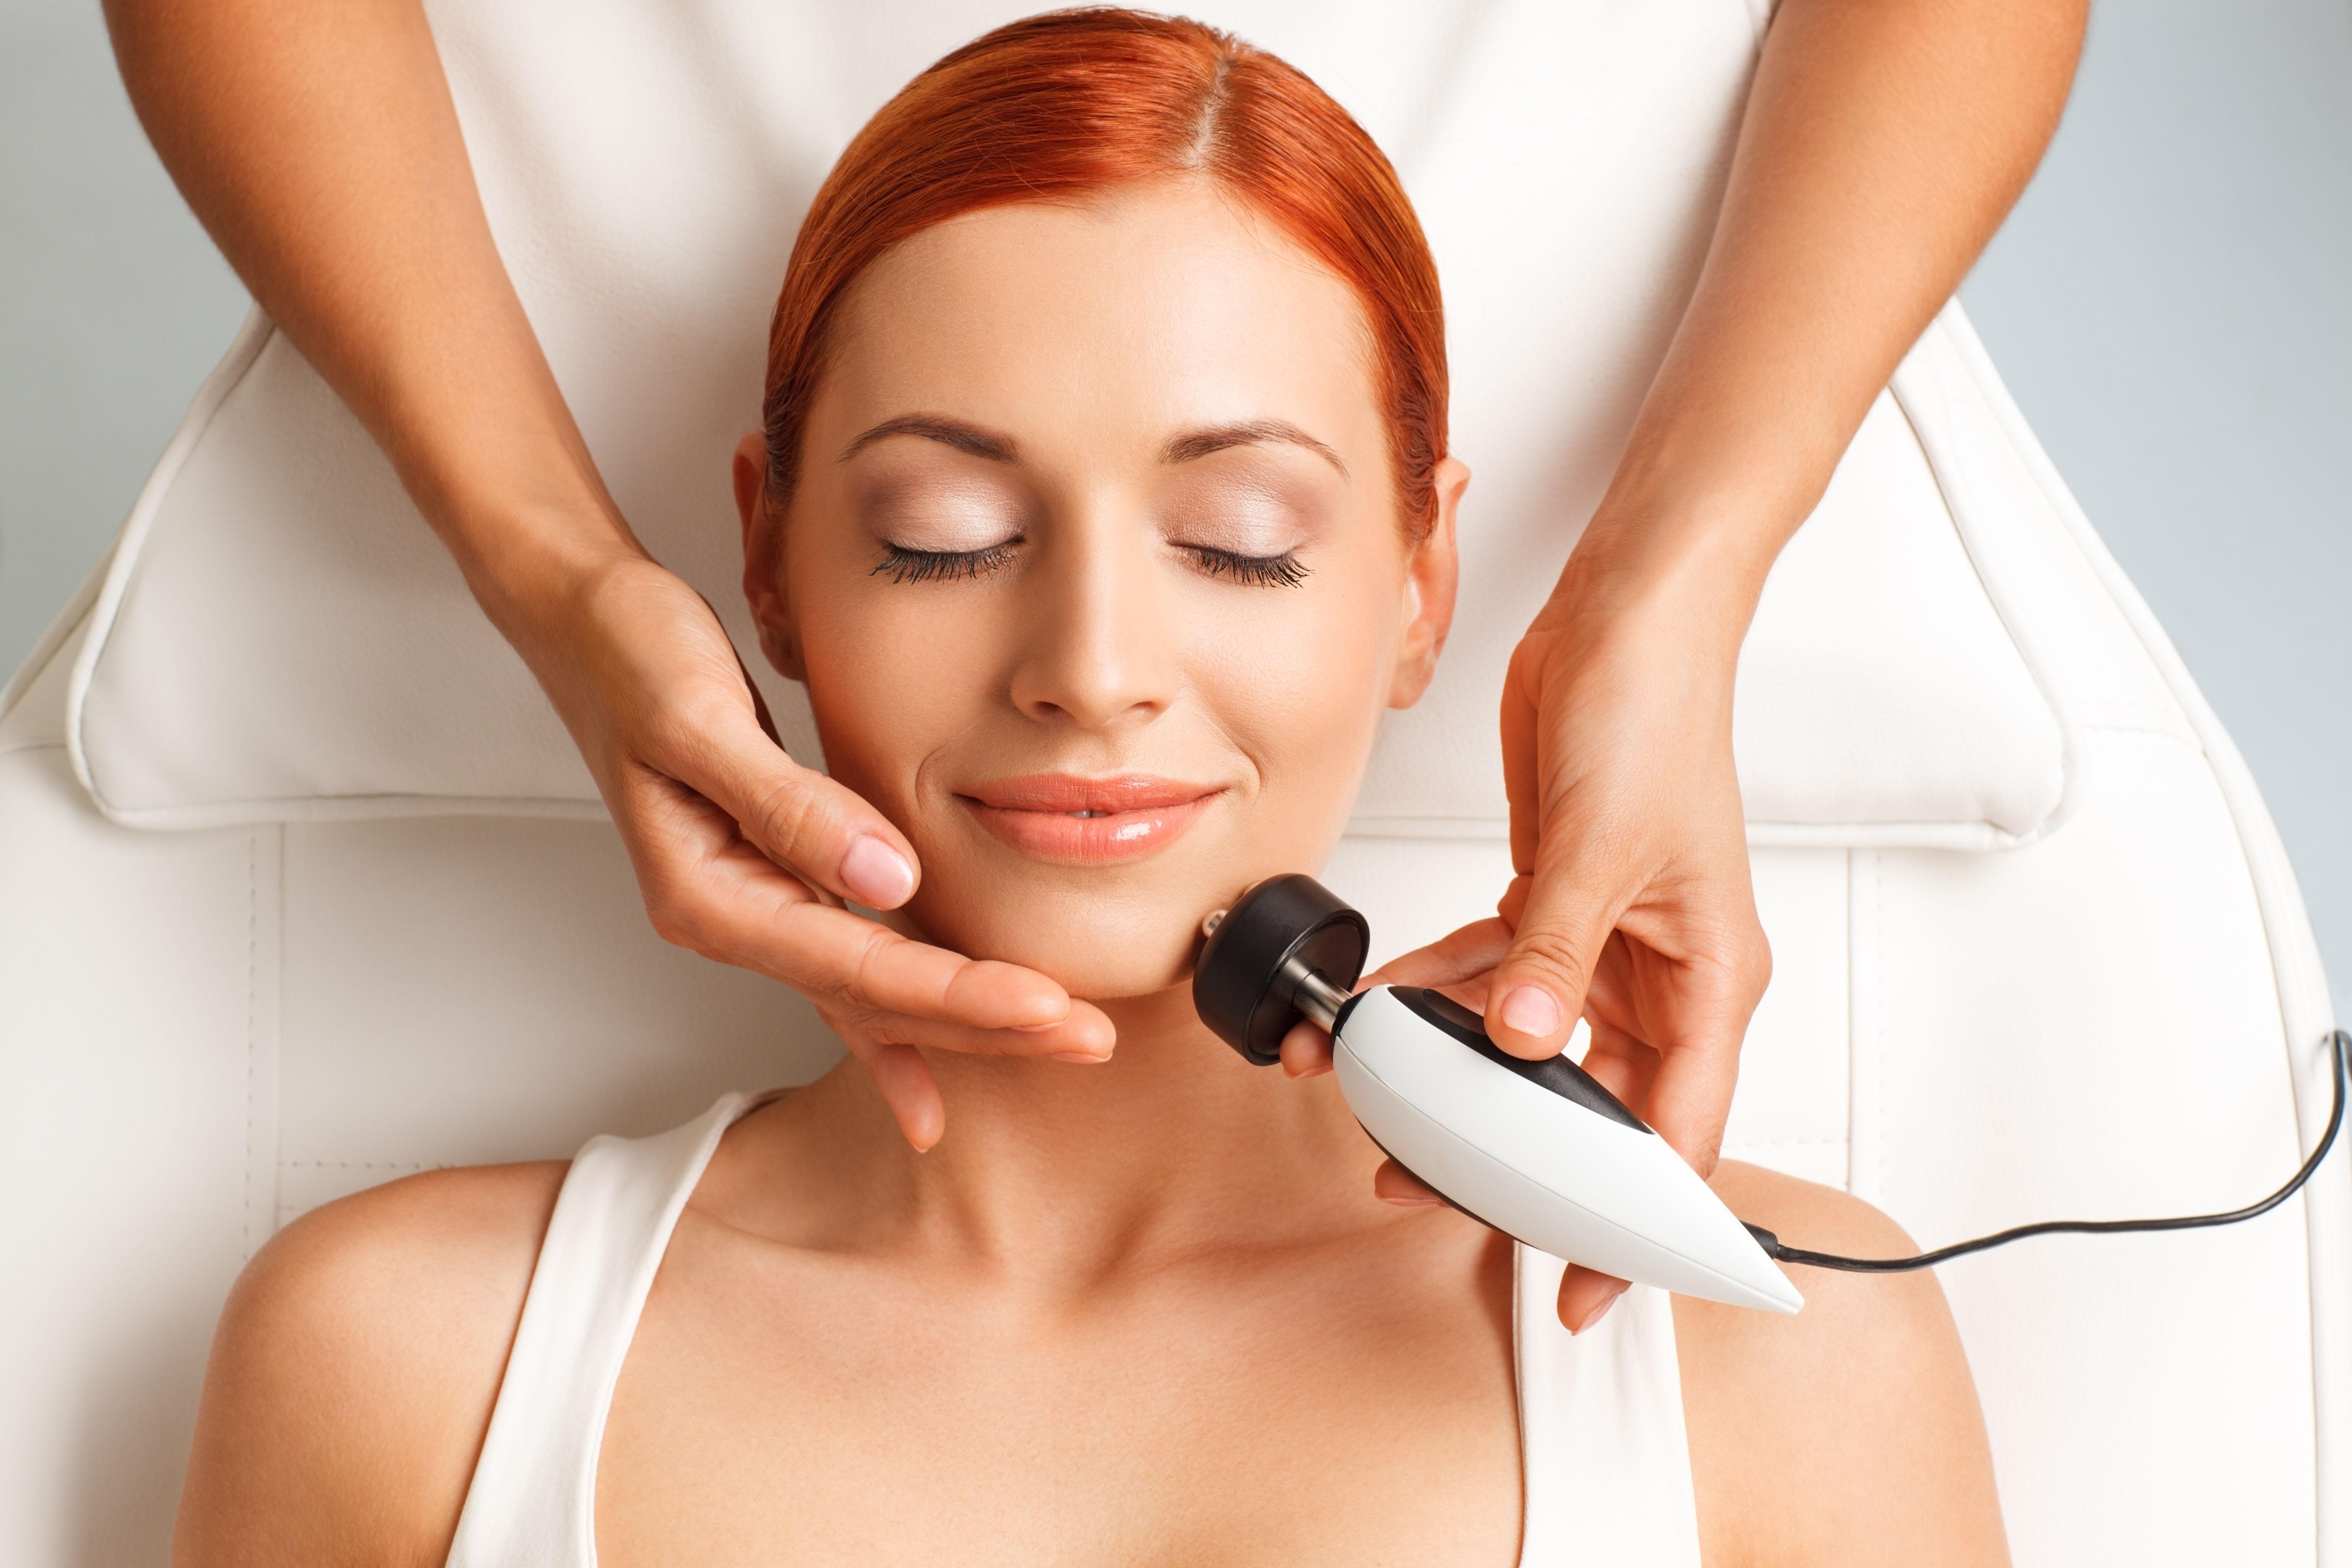 Estimulando a produção das fibras de colágeno, a radiofrequência pode definir o contorno do rosto e dar maior firmeza e sustentação à pele / GB Imagem